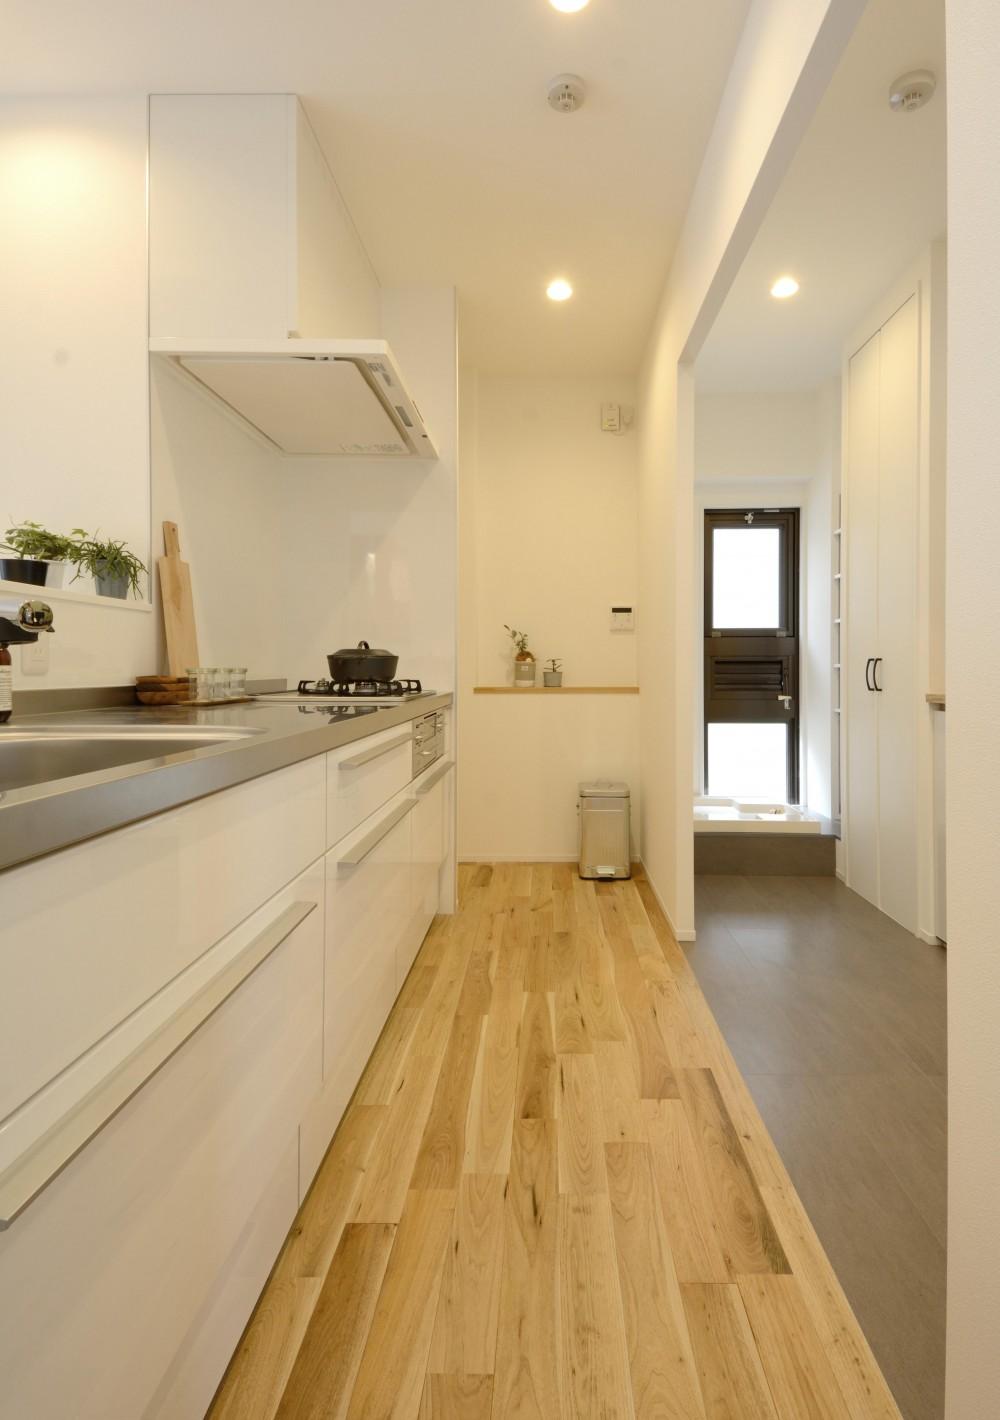 無駄のない動線計画でデザインと暮らしやすさをかなえた単身女性リノベーション (キッチン)